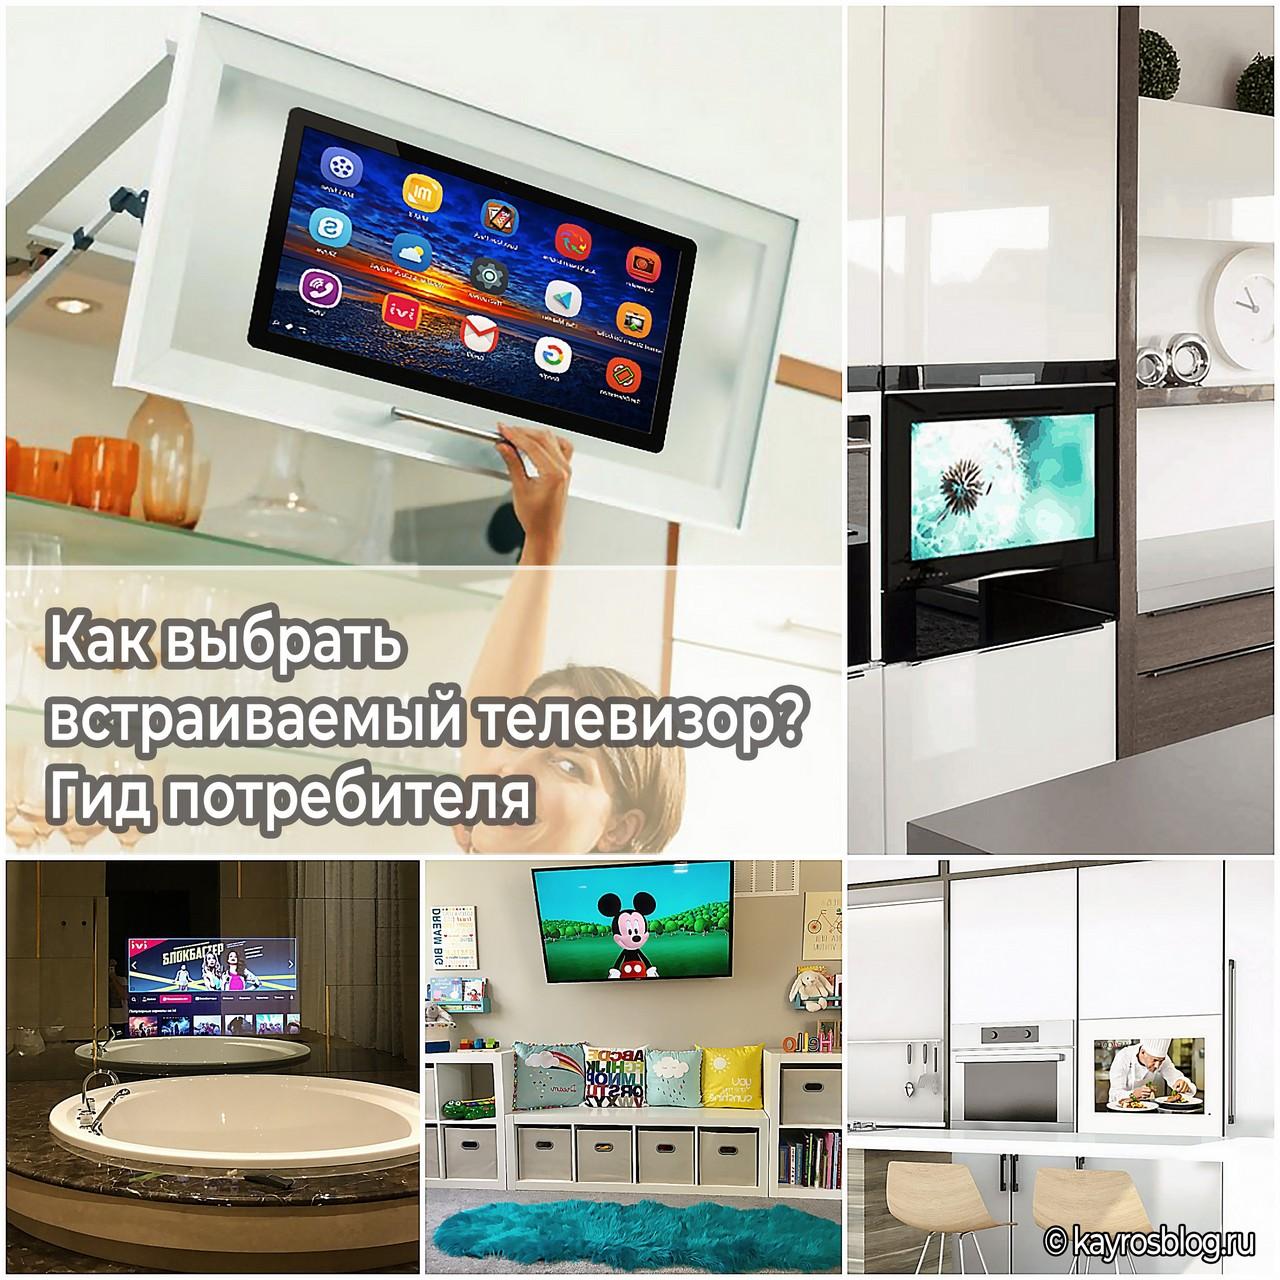 Как выбрать встраиваемый телевизор Гид потребителя